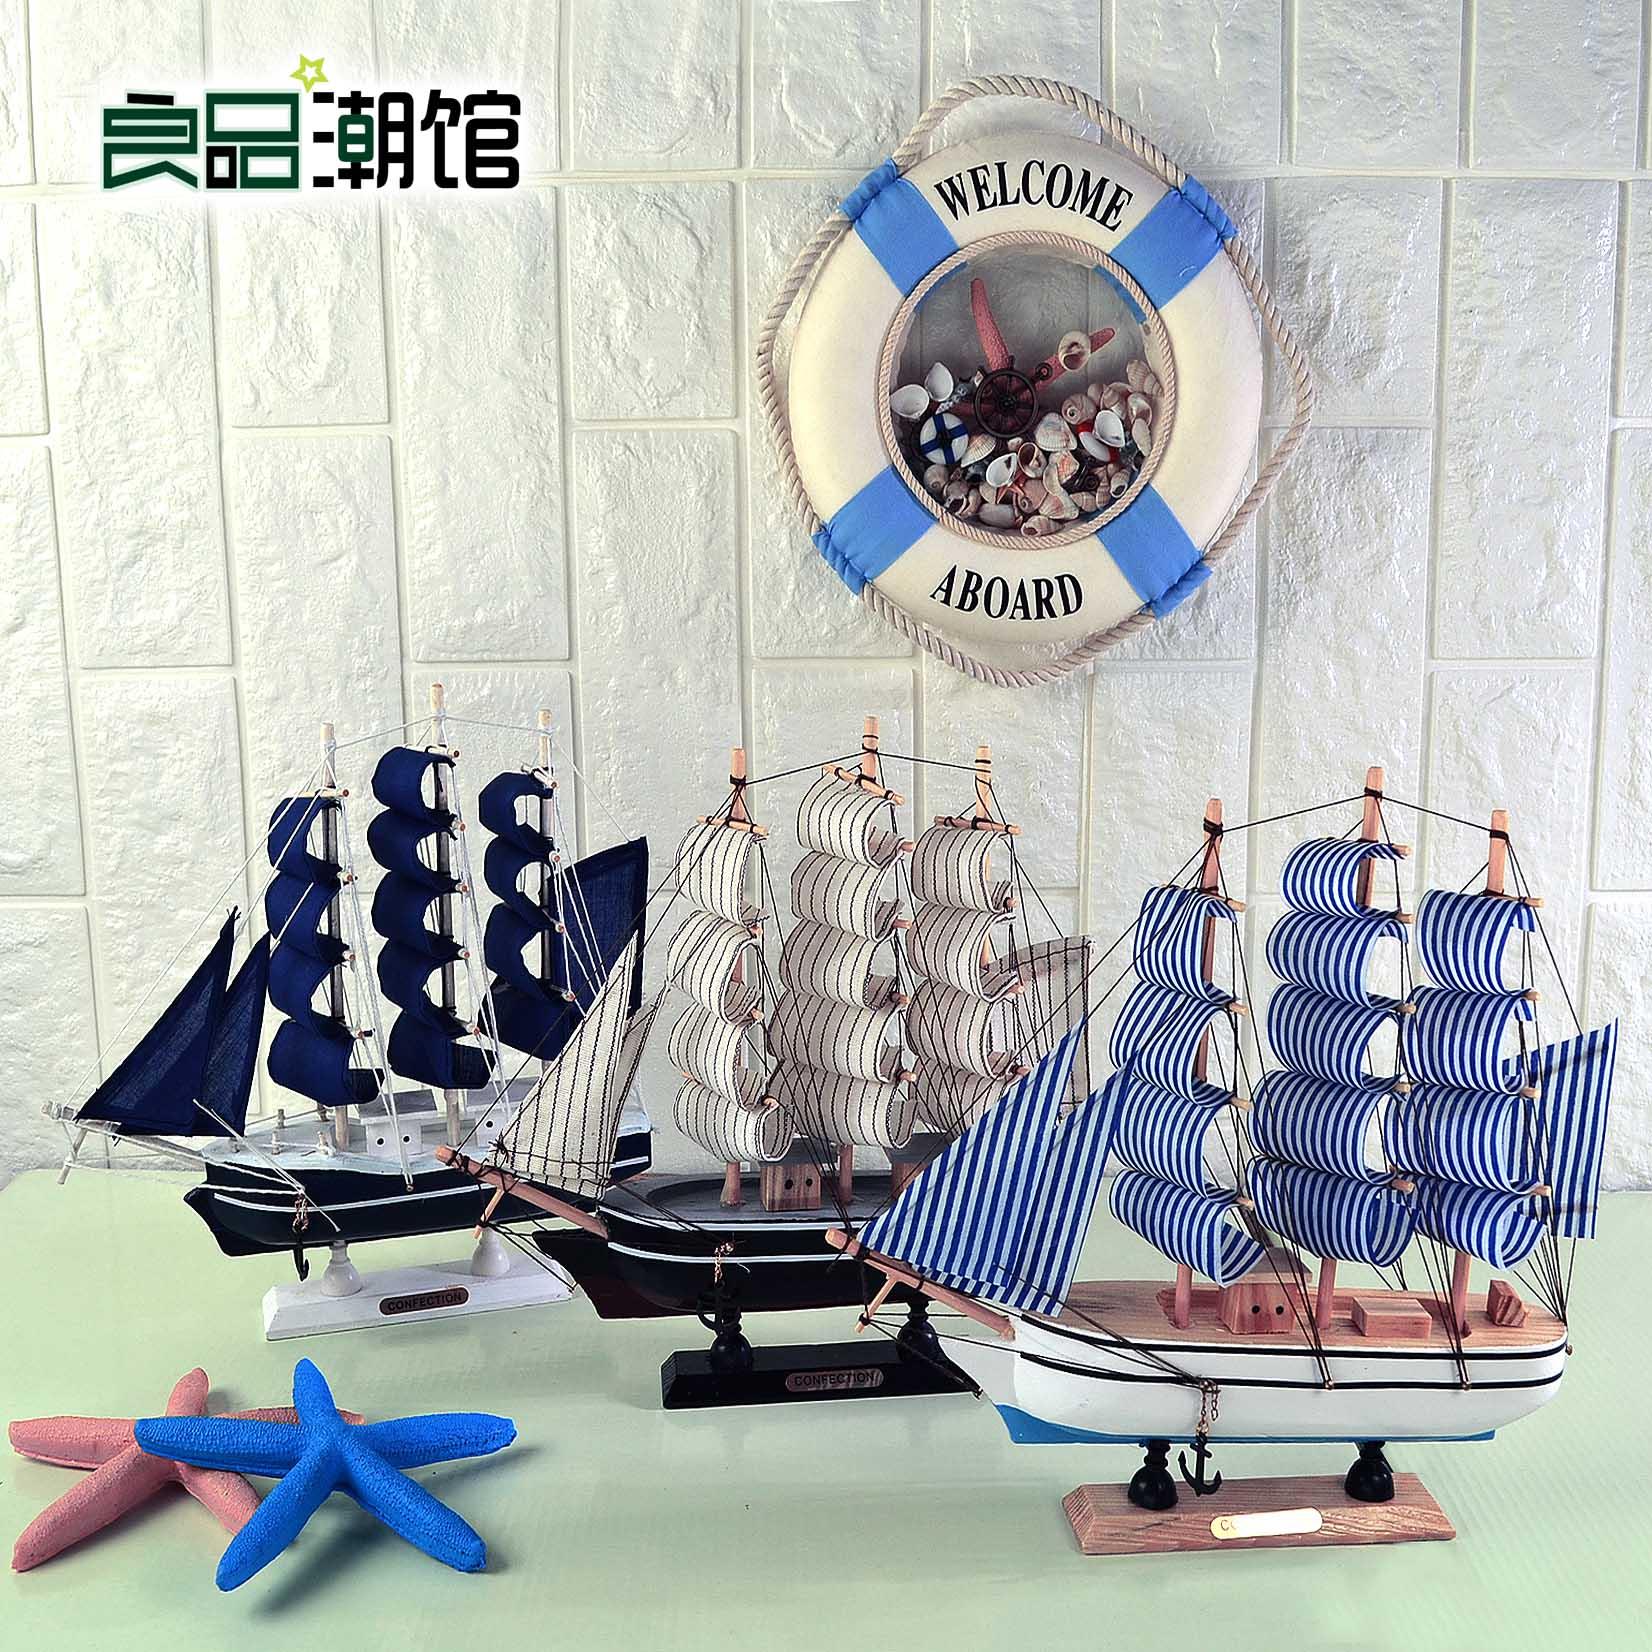 新品地中海一帆风顺实木帆船装饰品摆件创意船模型工艺品隔板装饰